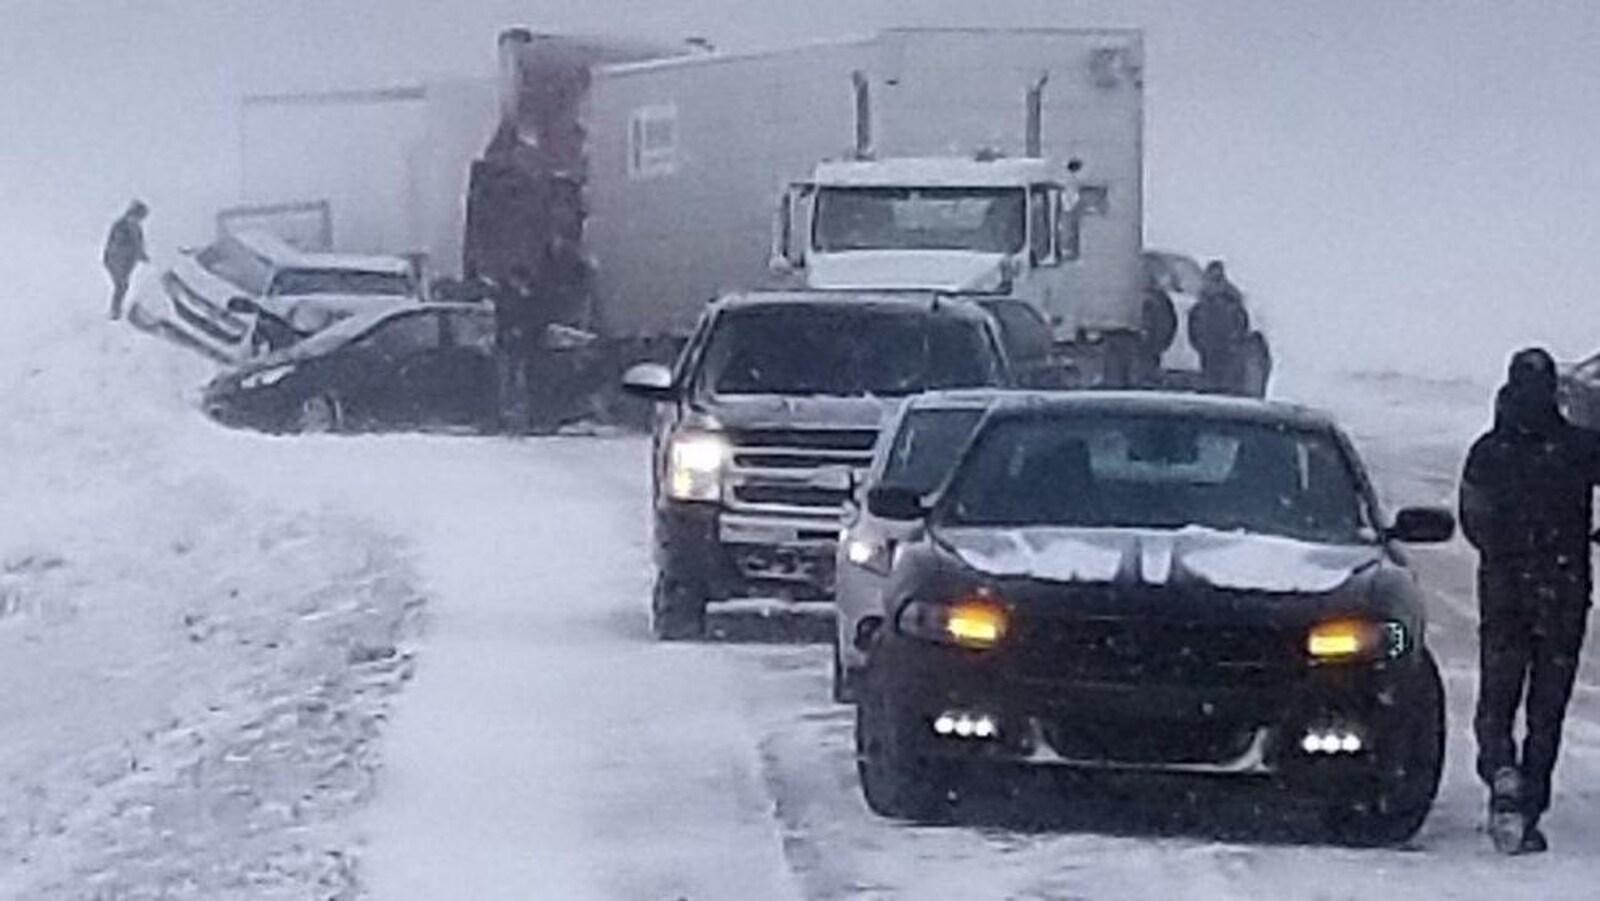 Des carcasses de voitures de camions-remorques sur la route enneigée